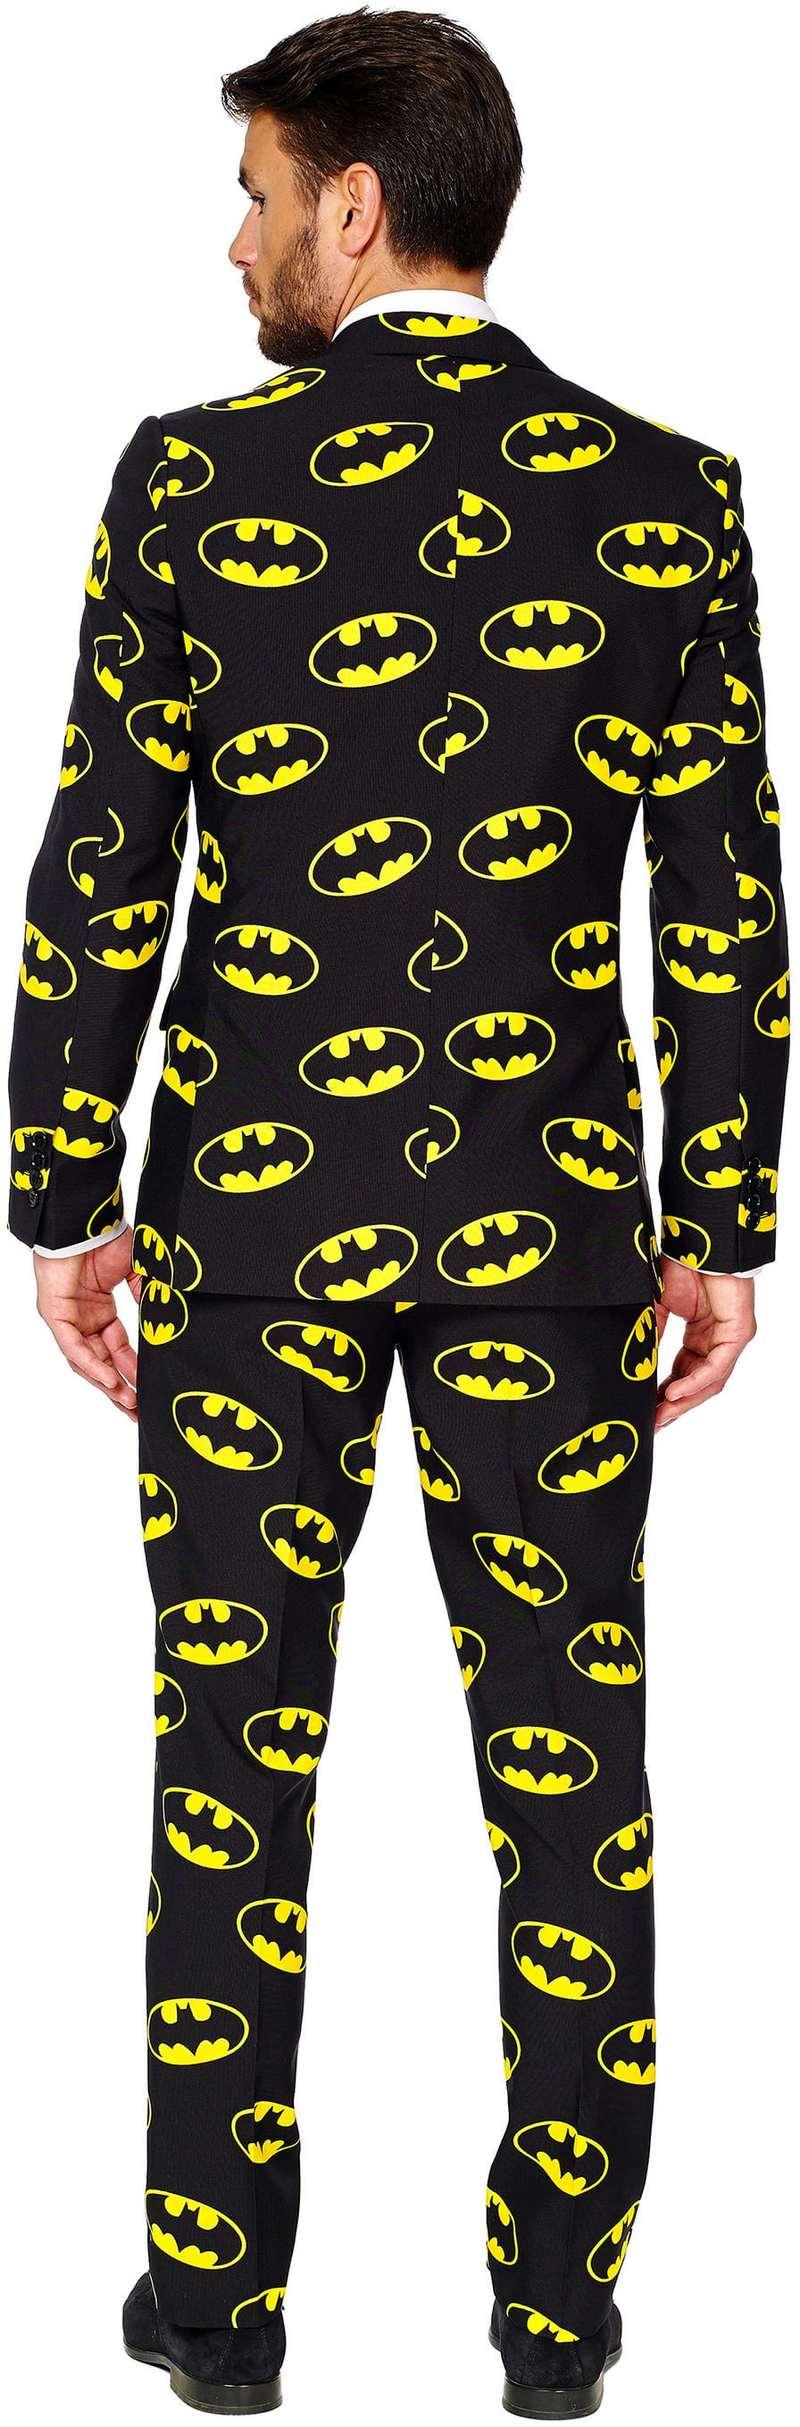 OppoSuits Batman Kostuum foto 1